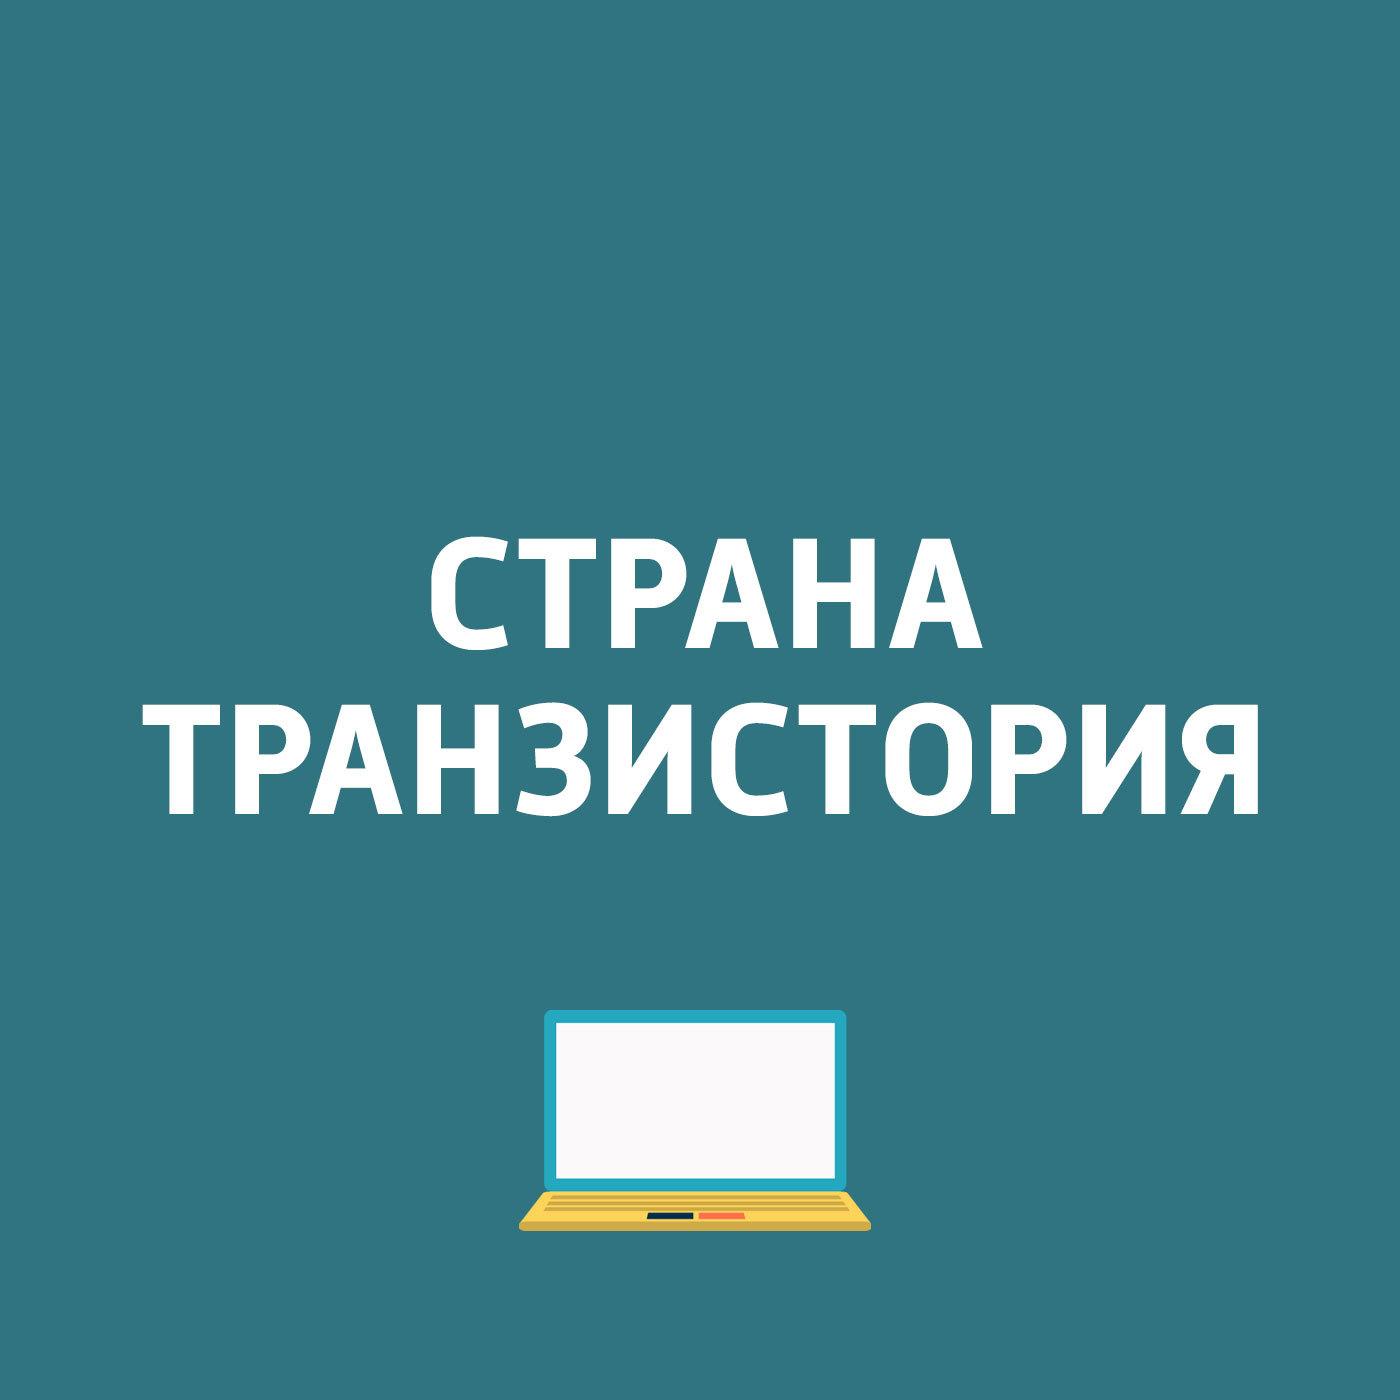 Картаев Павел МЧС и Mail.Ru Group создали систему оповещения; Minecraft Education Edition станет учебником... картаев павел киберспорт в россии приравняли к футболу